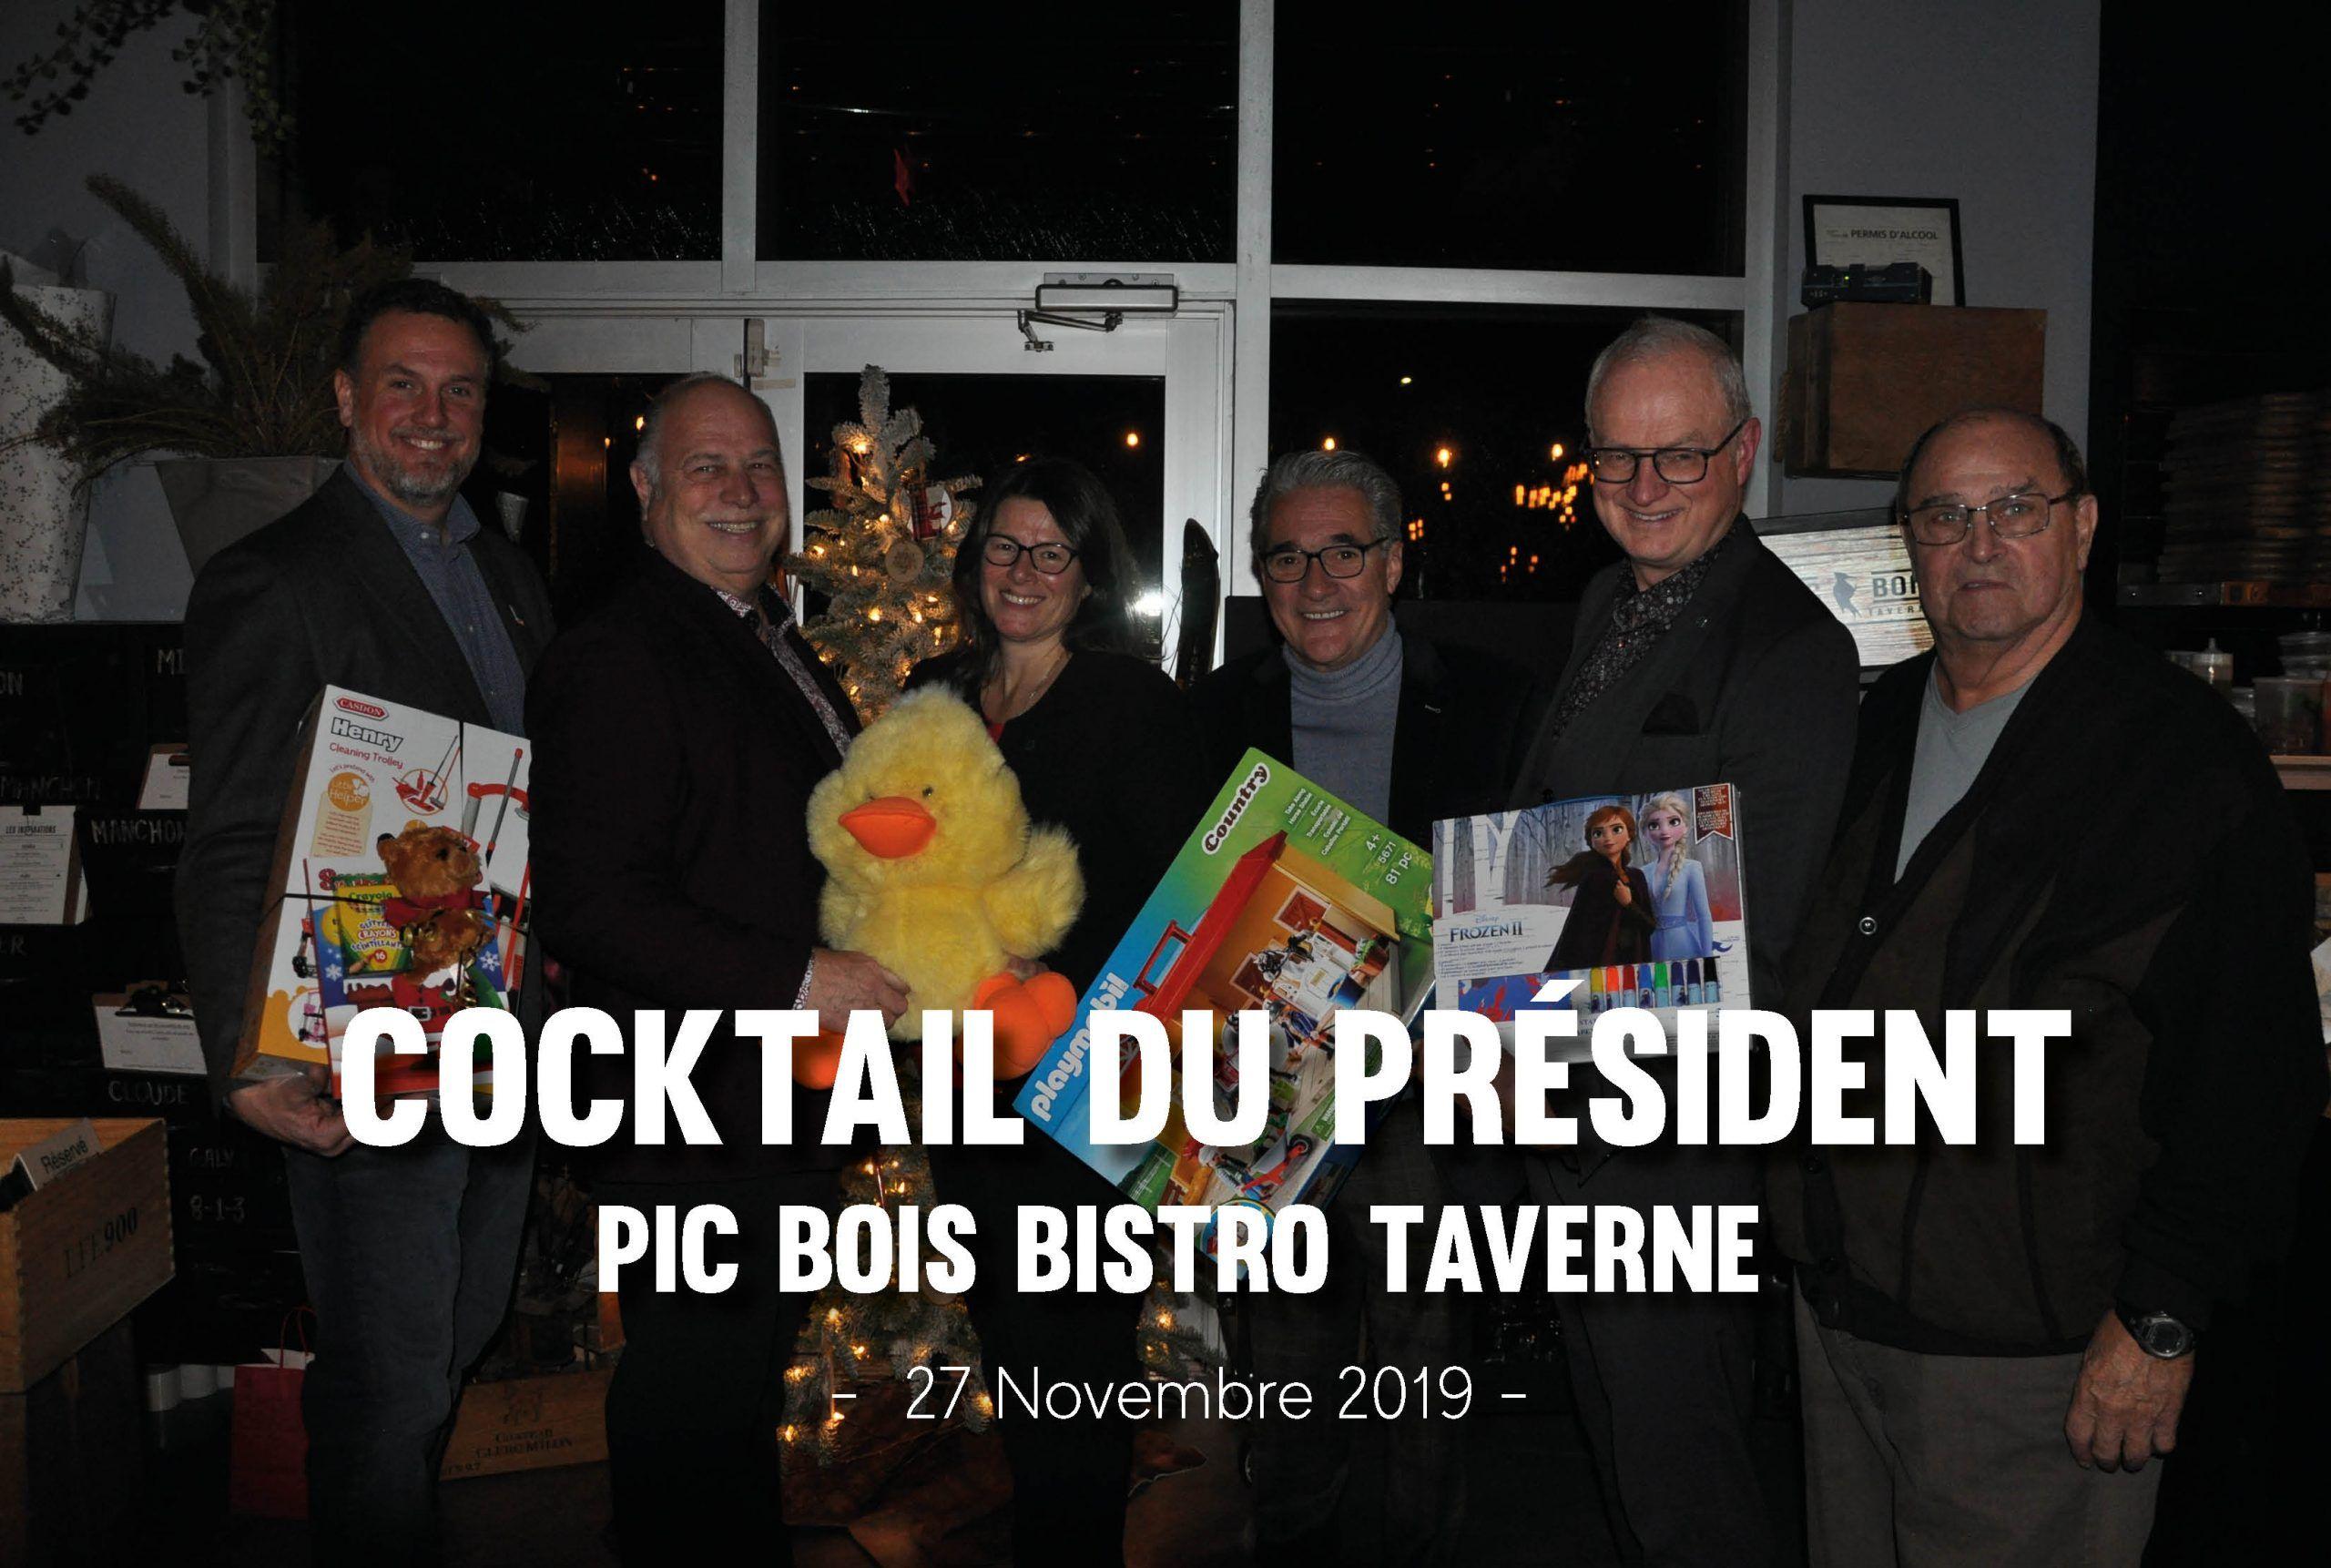 Cocktail du président – Pic Bois Bistro Taverne